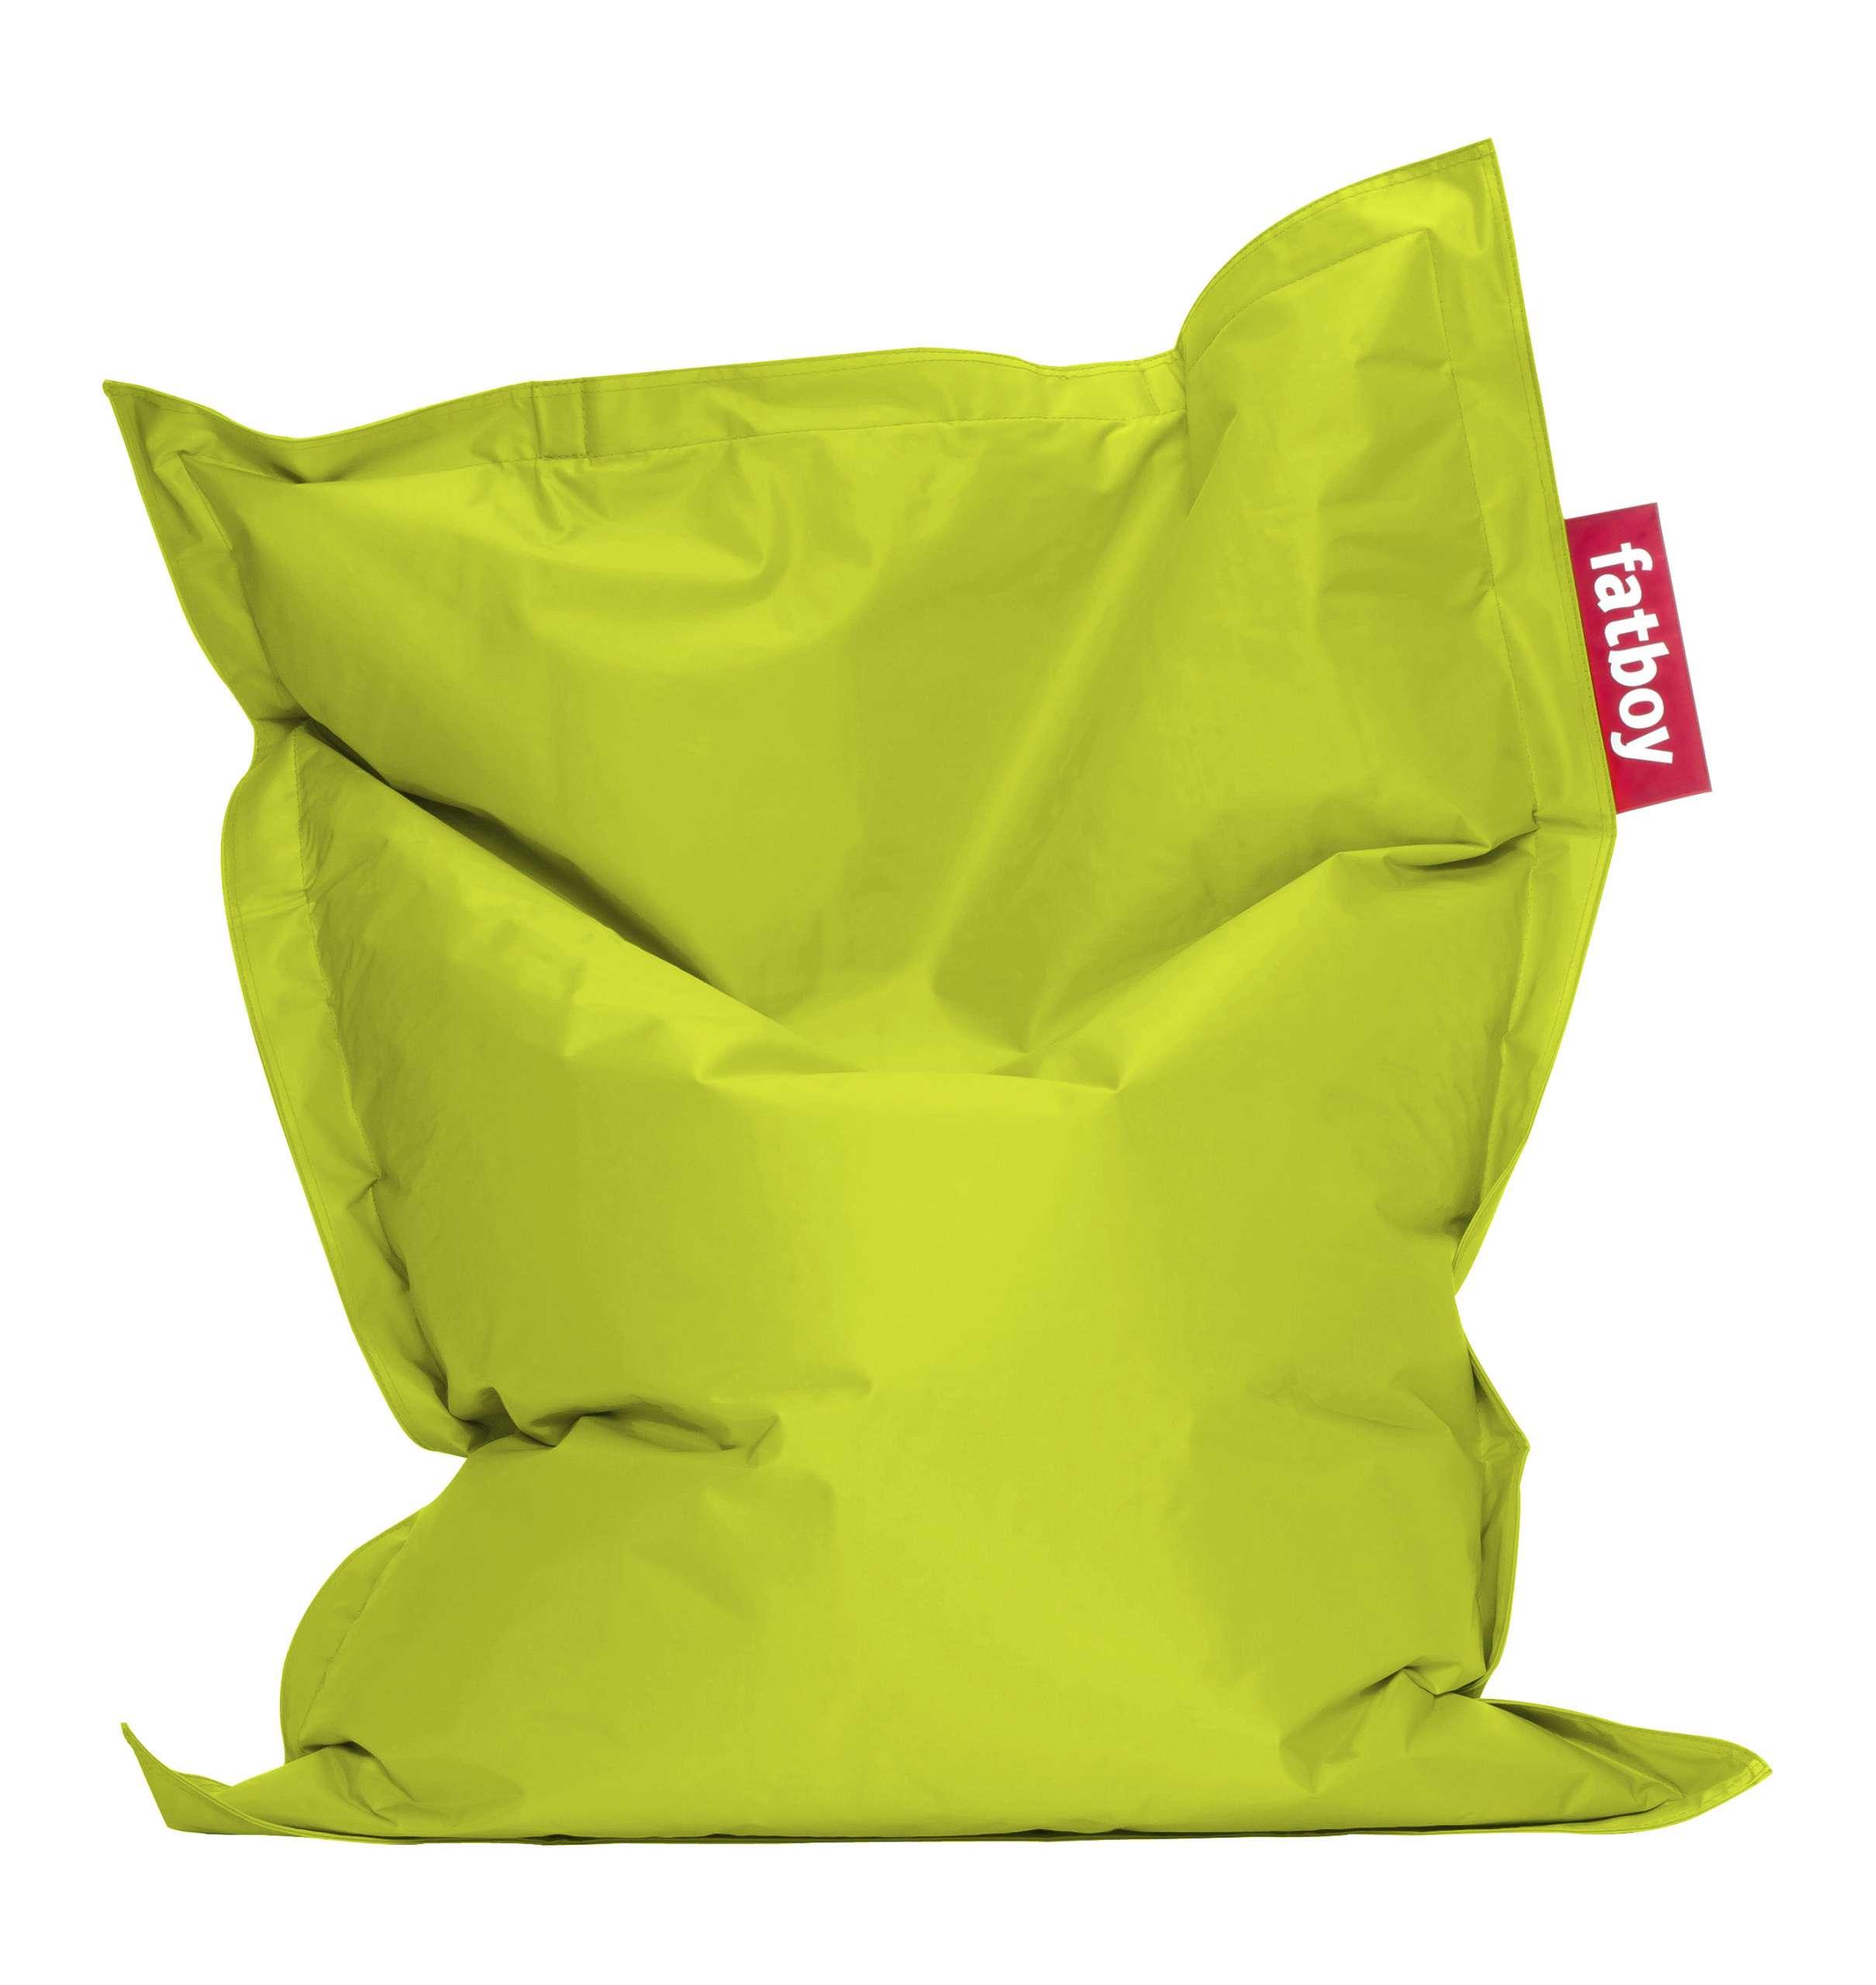 Full Size of Sitzsack Für Kinderzimmer Fatboy Fr The Junior Lime Green Pigmento Sofa Regale Dachschrägen Spiegelschränke Fürs Bad Bilder Wohnzimmer Folien Fenster Regal Kinderzimmer Sitzsack Für Kinderzimmer